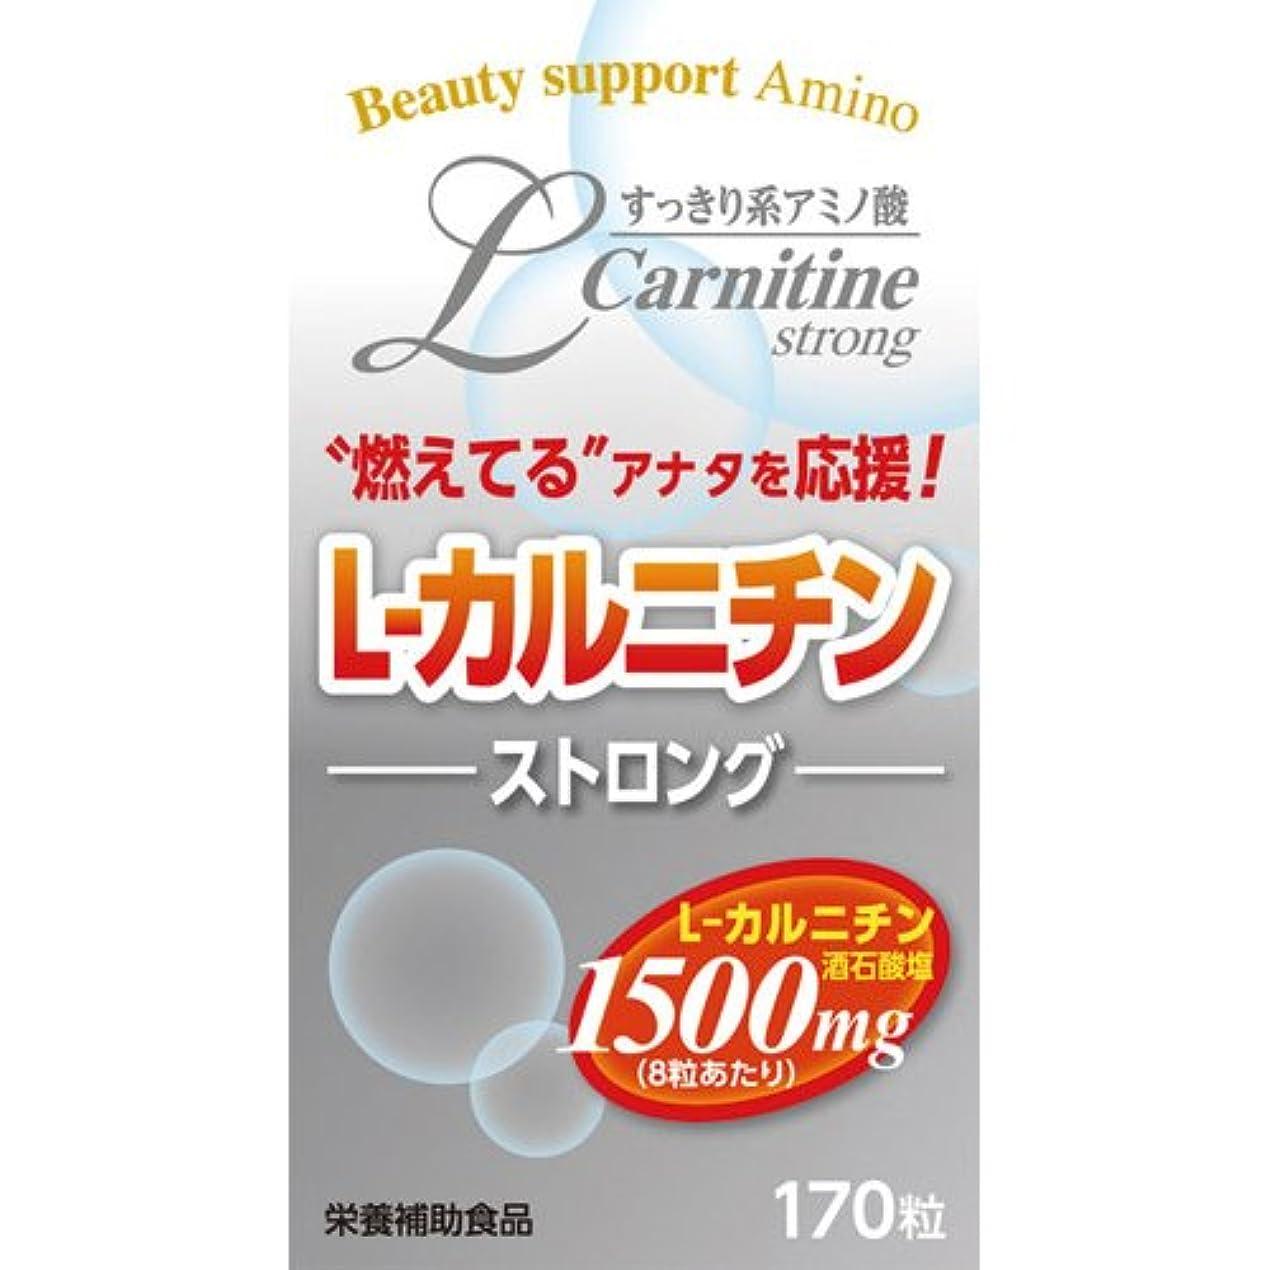 輝く傑出した容器L-カルニチン ストロング 170粒